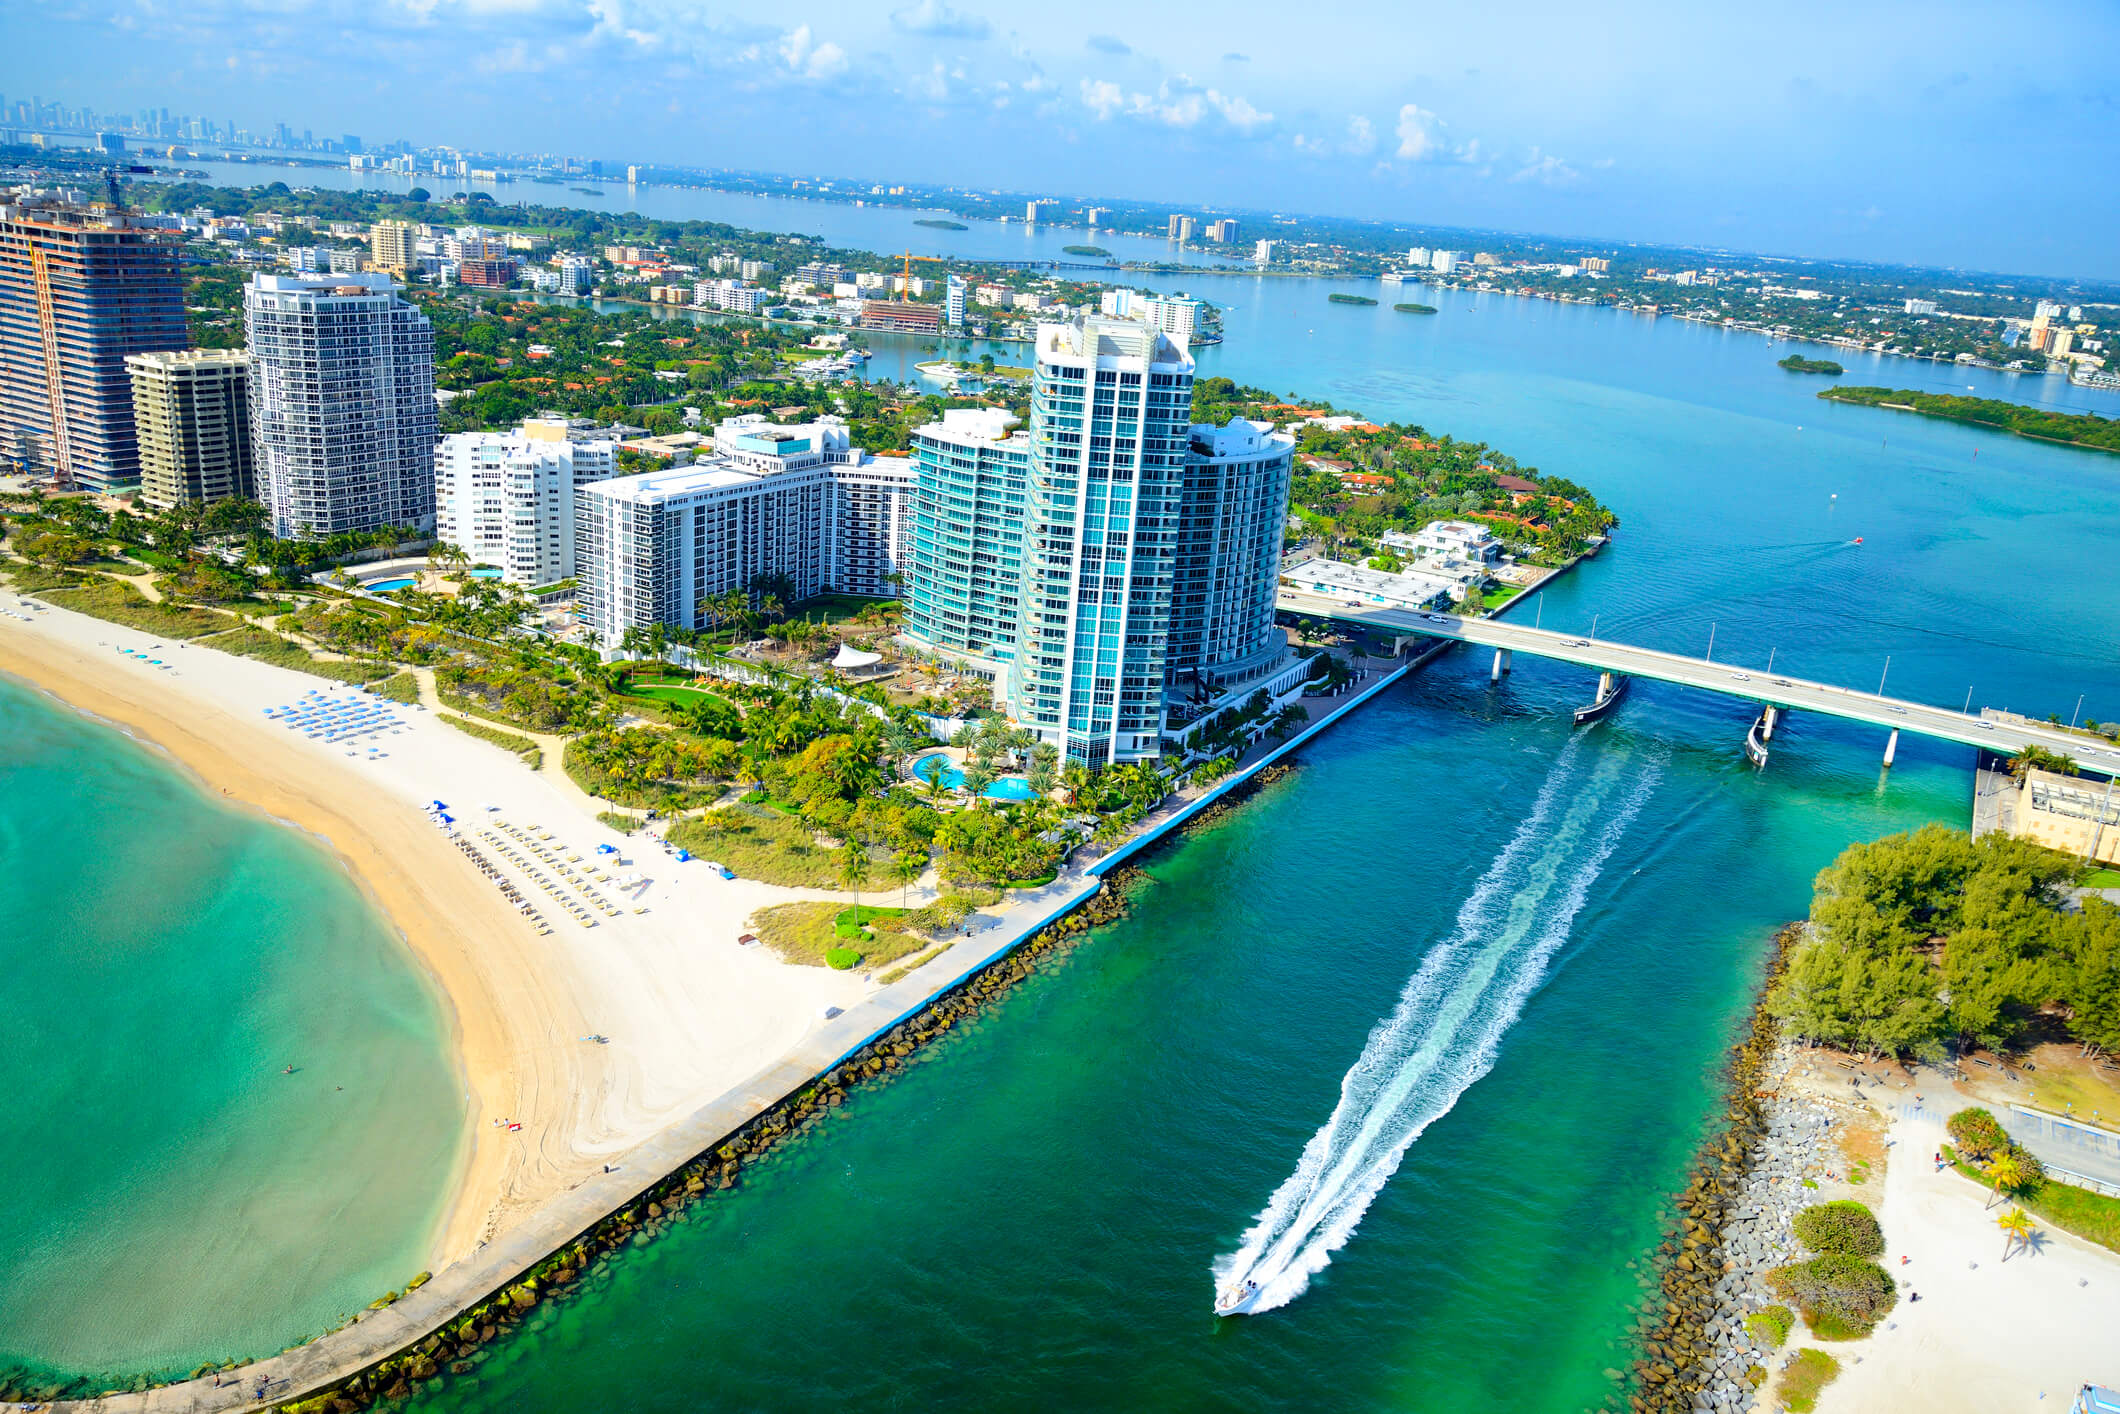 Guía Miami - Guías de Viaje gratis | Viajes Carrefour